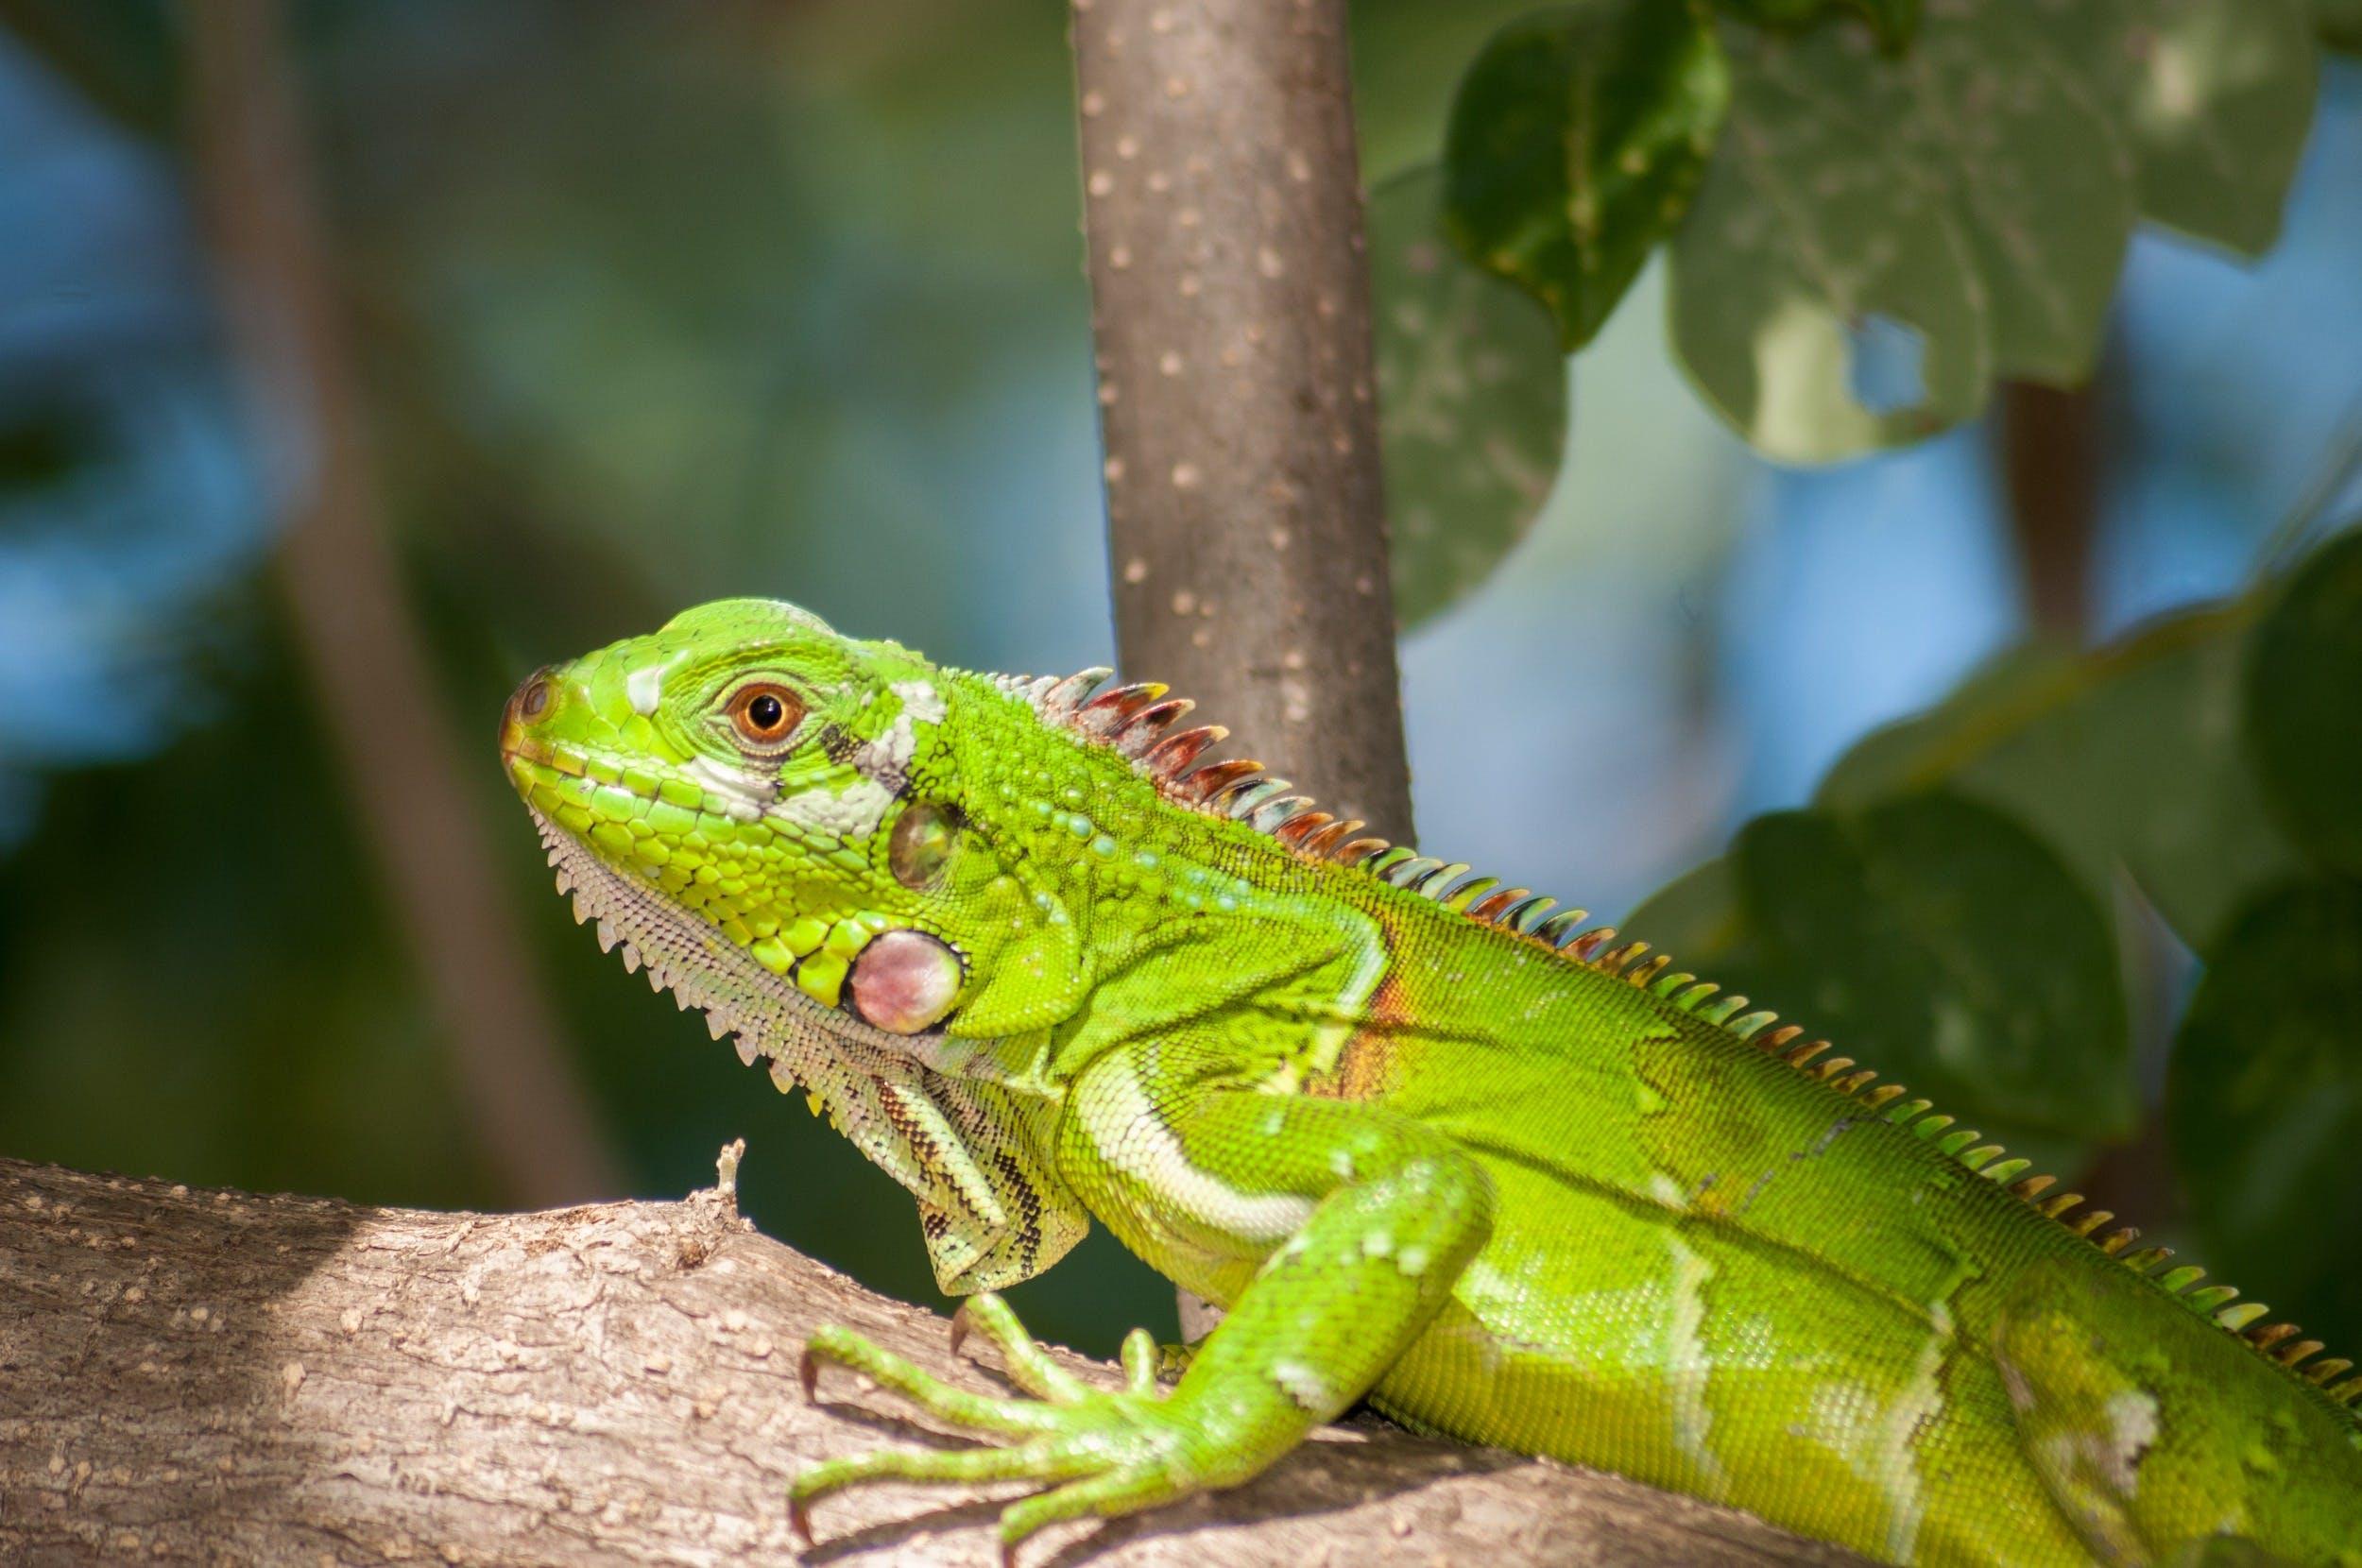 Green Reptile on Brown Tree